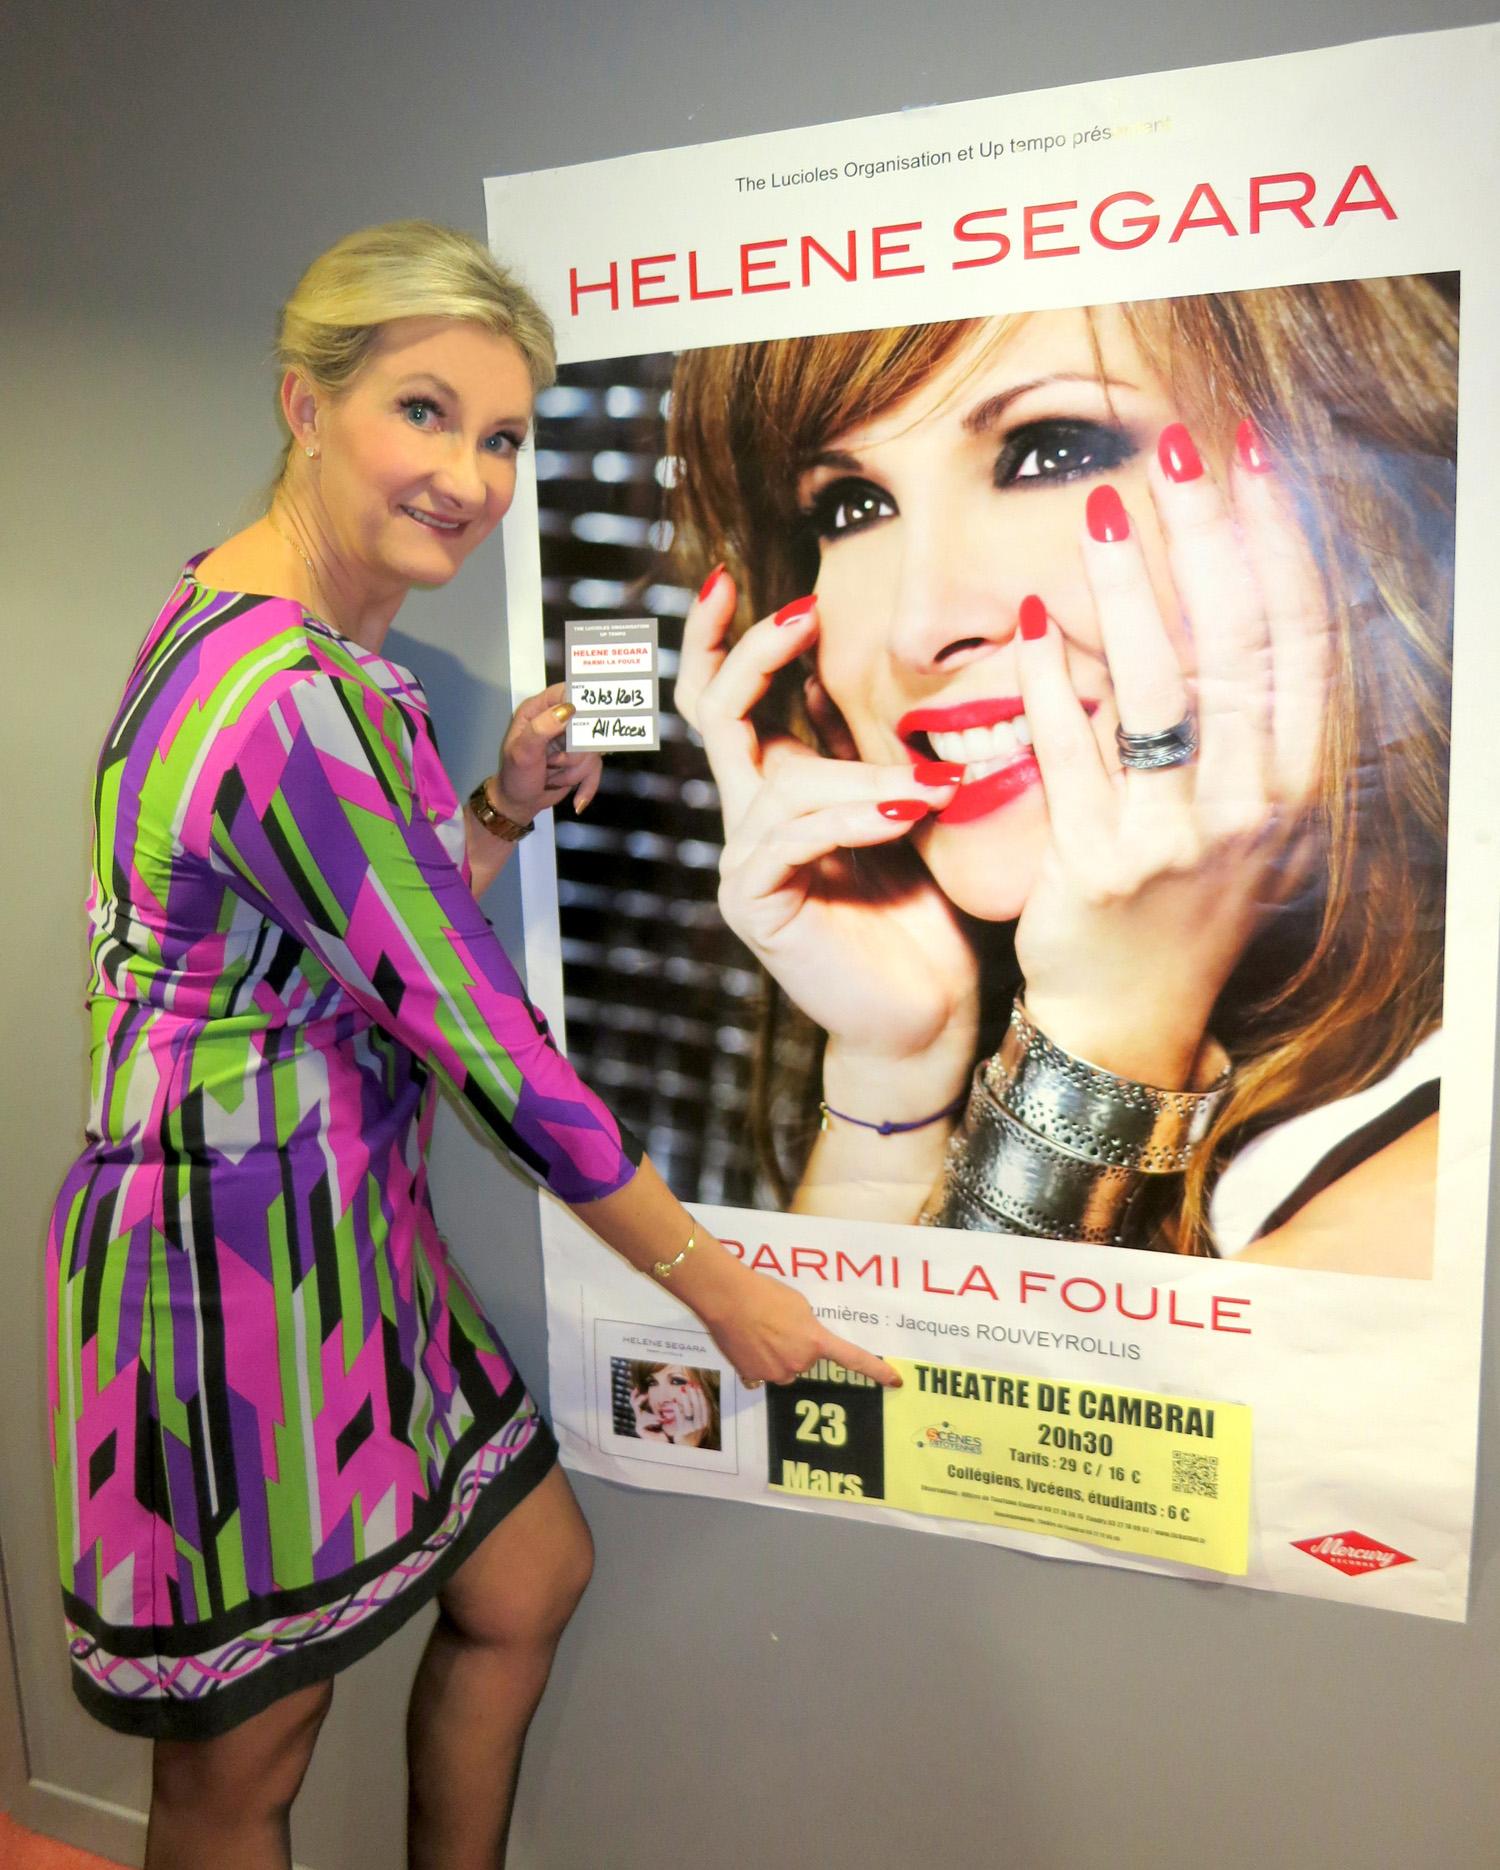 Hélène Ségara Concert Parmi La Foule